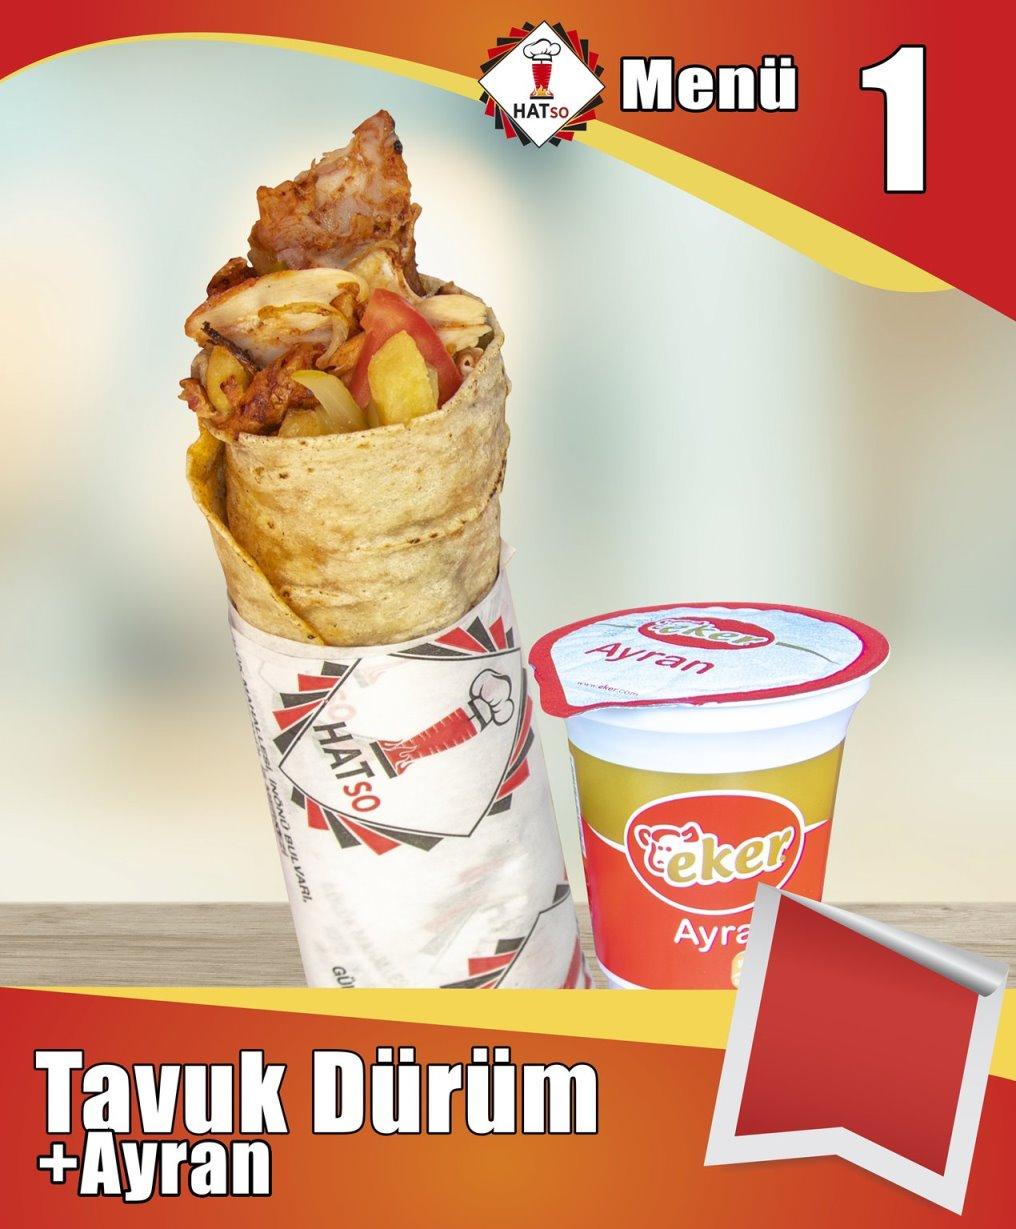 Menü-1 Tavuk Dürüm + Ayran